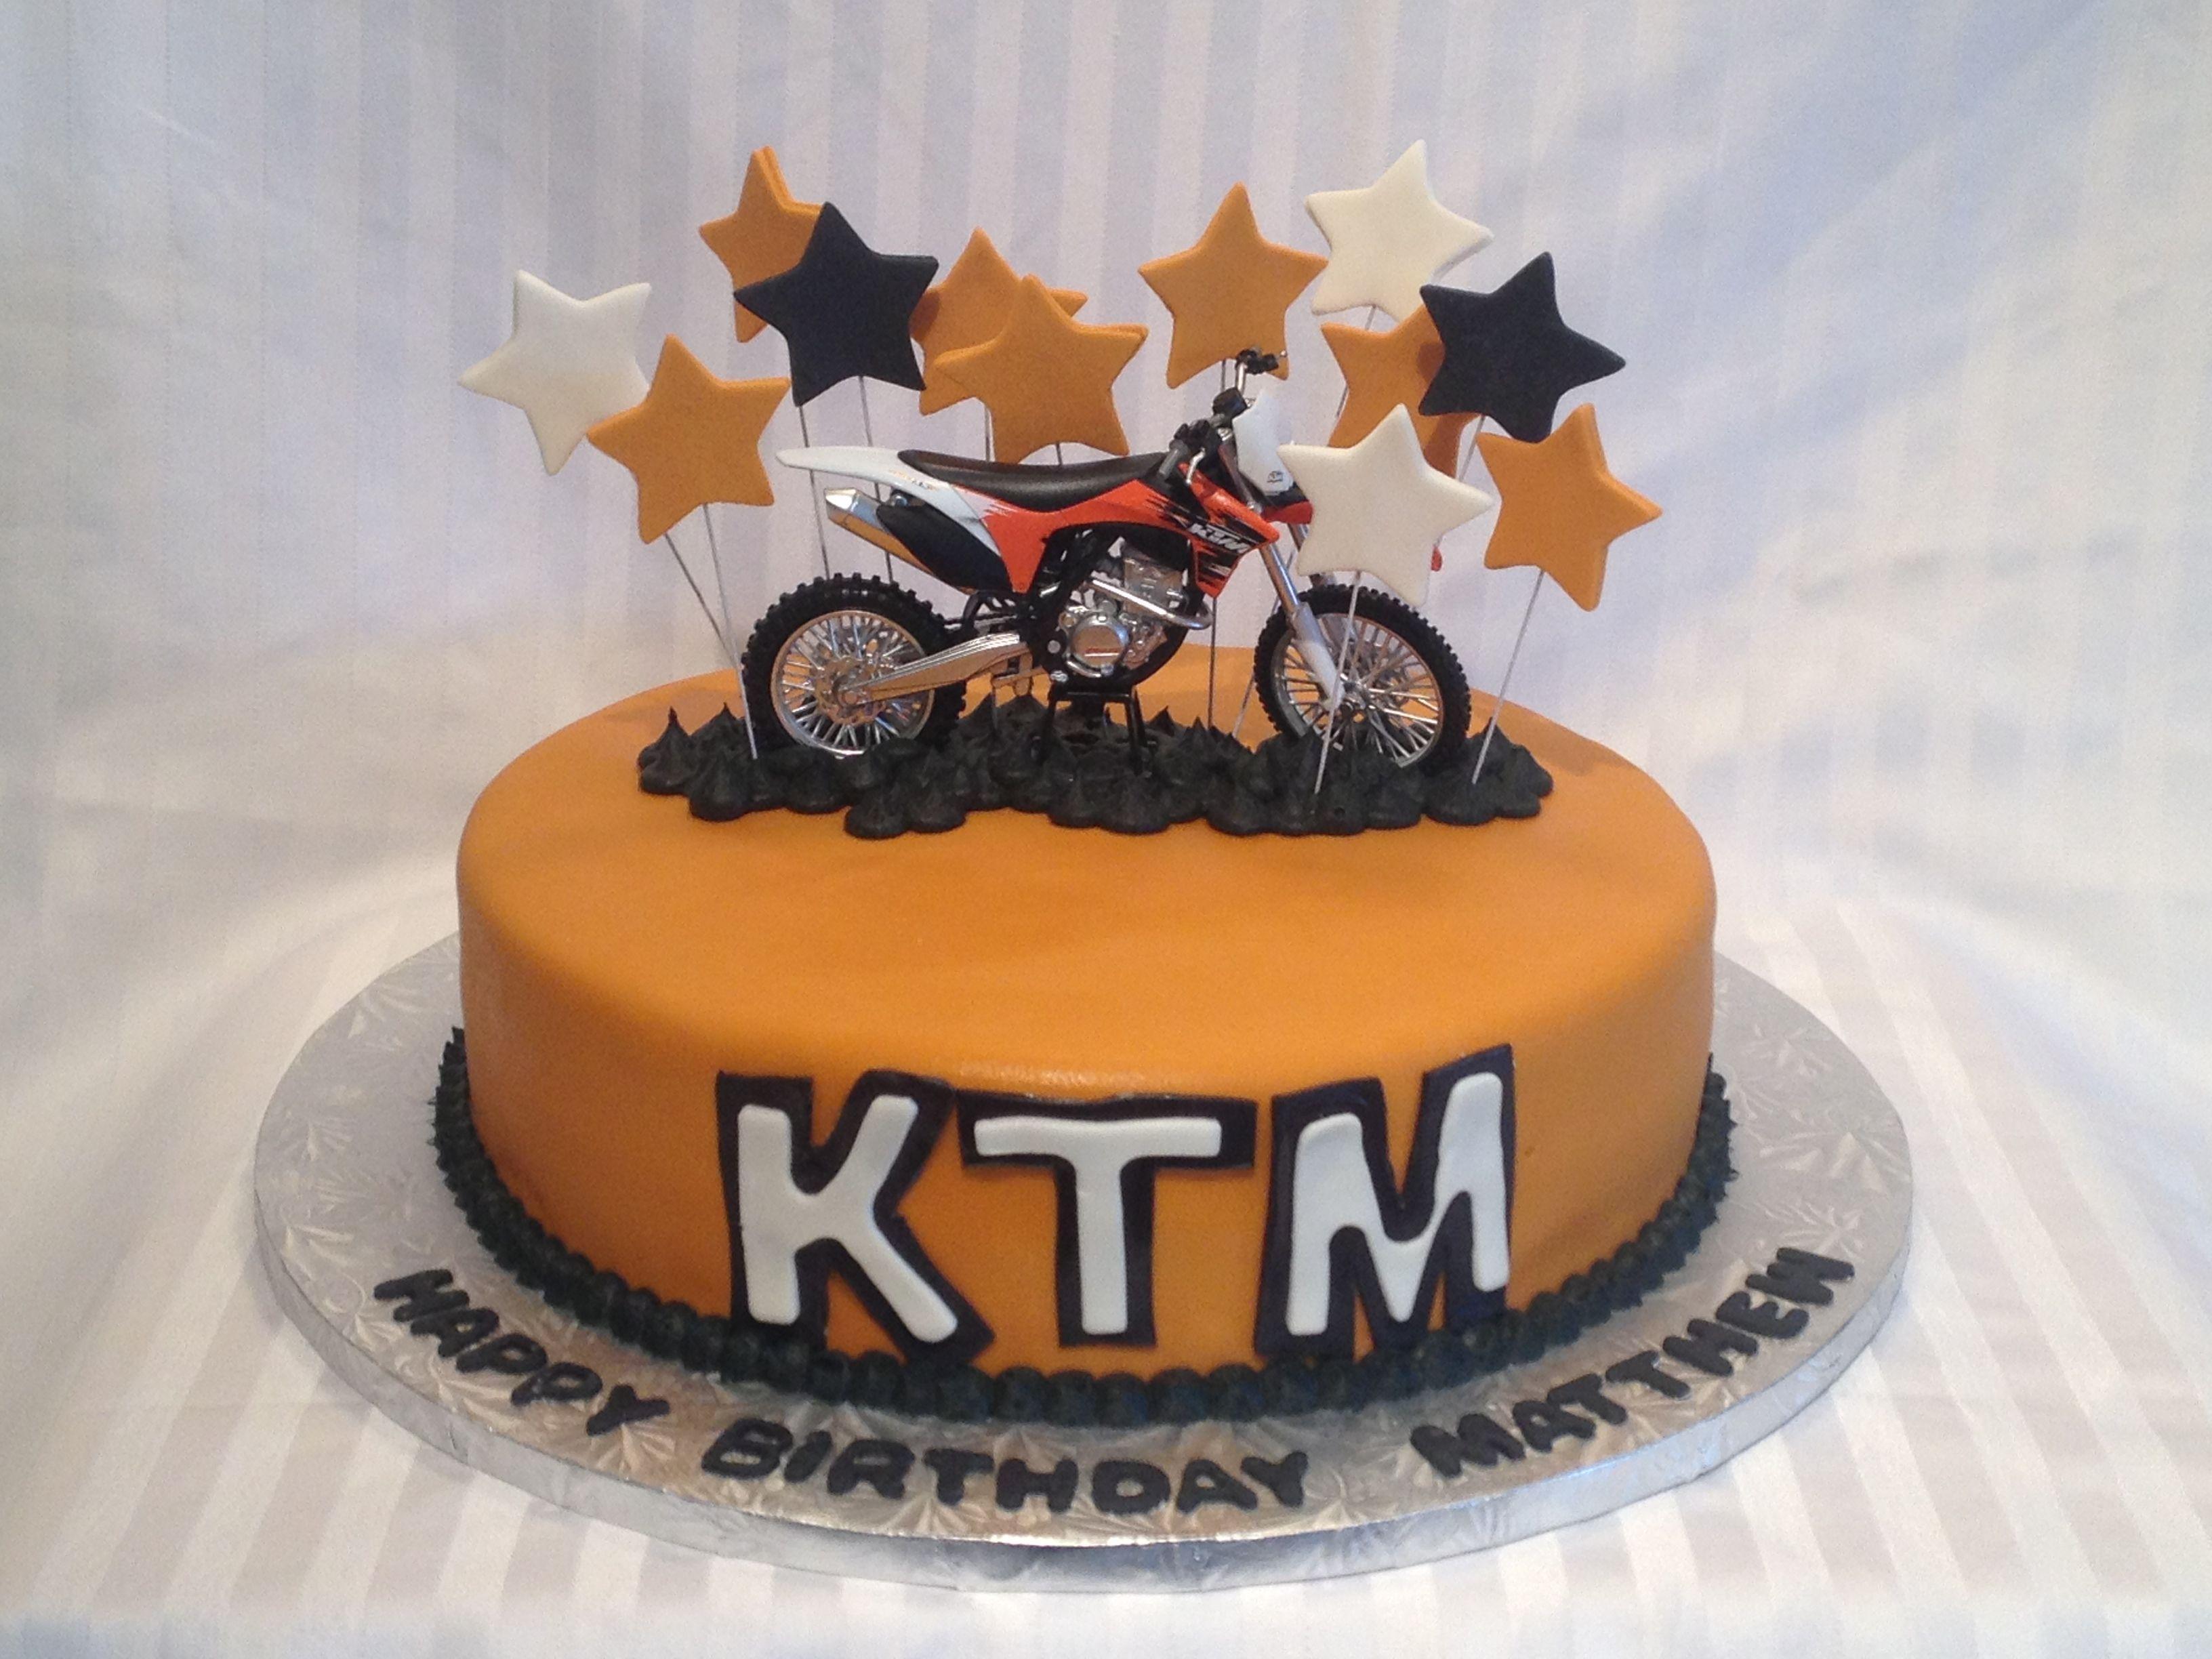 Share cakepinscom Cakes Pinterest Birthday cakes Red